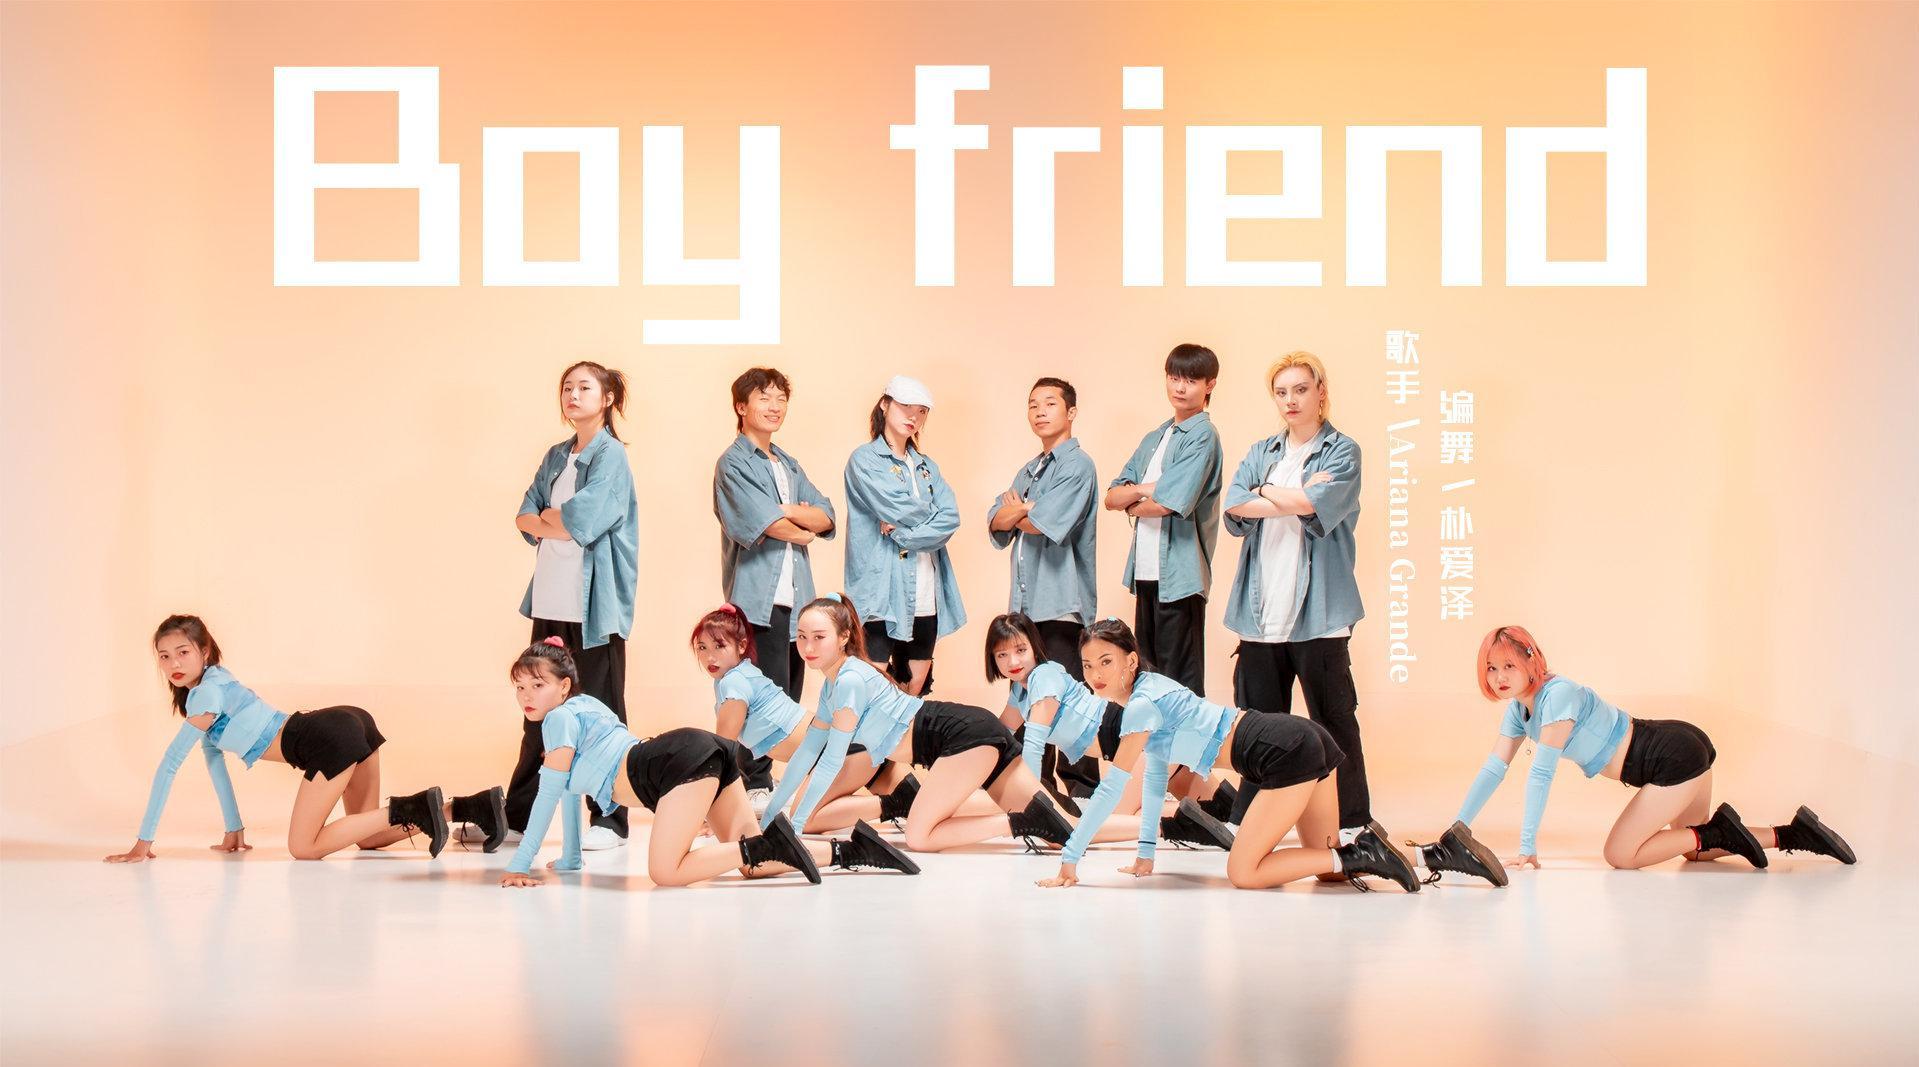 流行舞《Boy Friend》,充满力量的律动配上张力十足的舞姿……